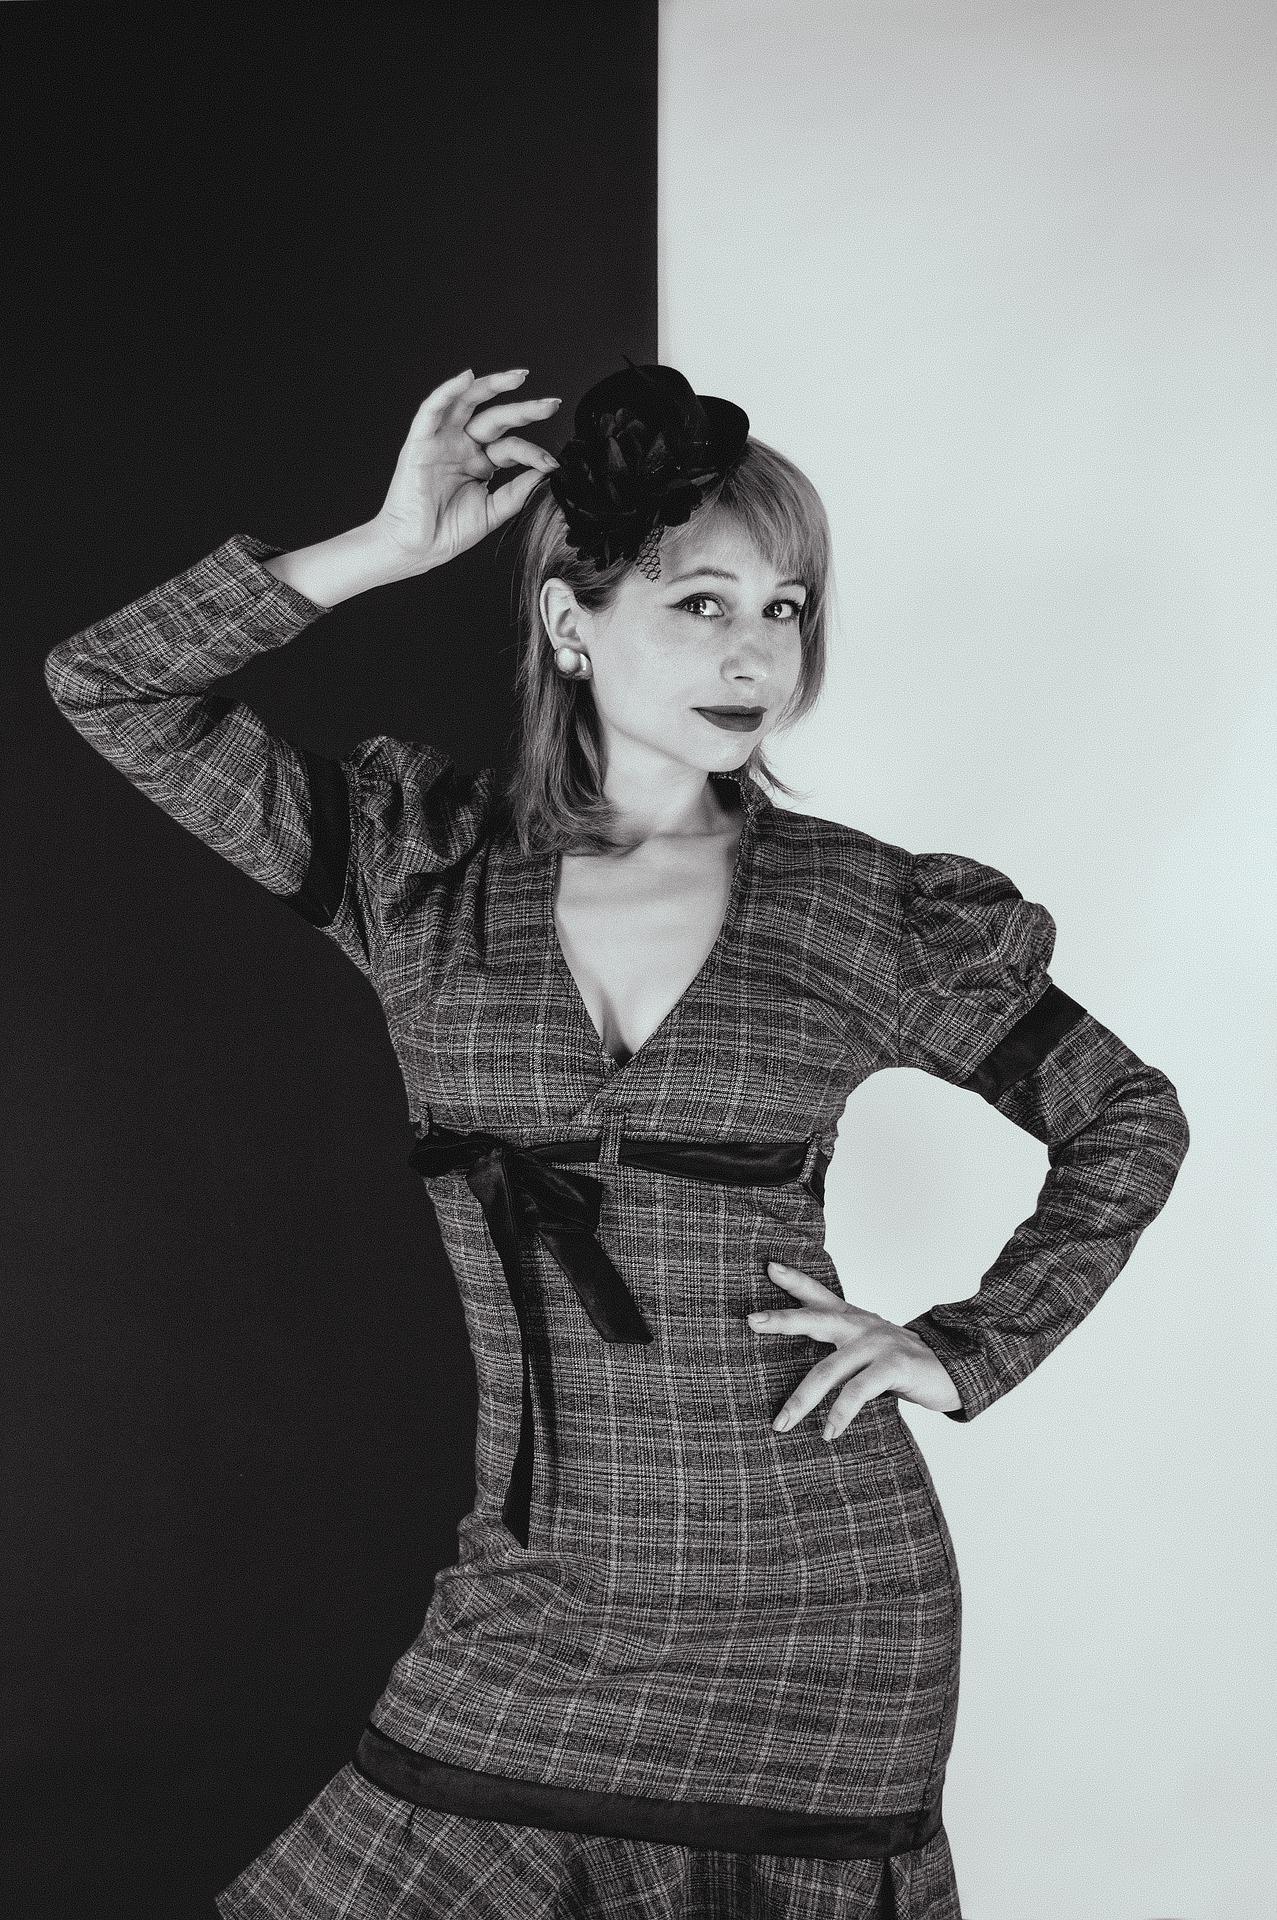 woman-6266563_1920